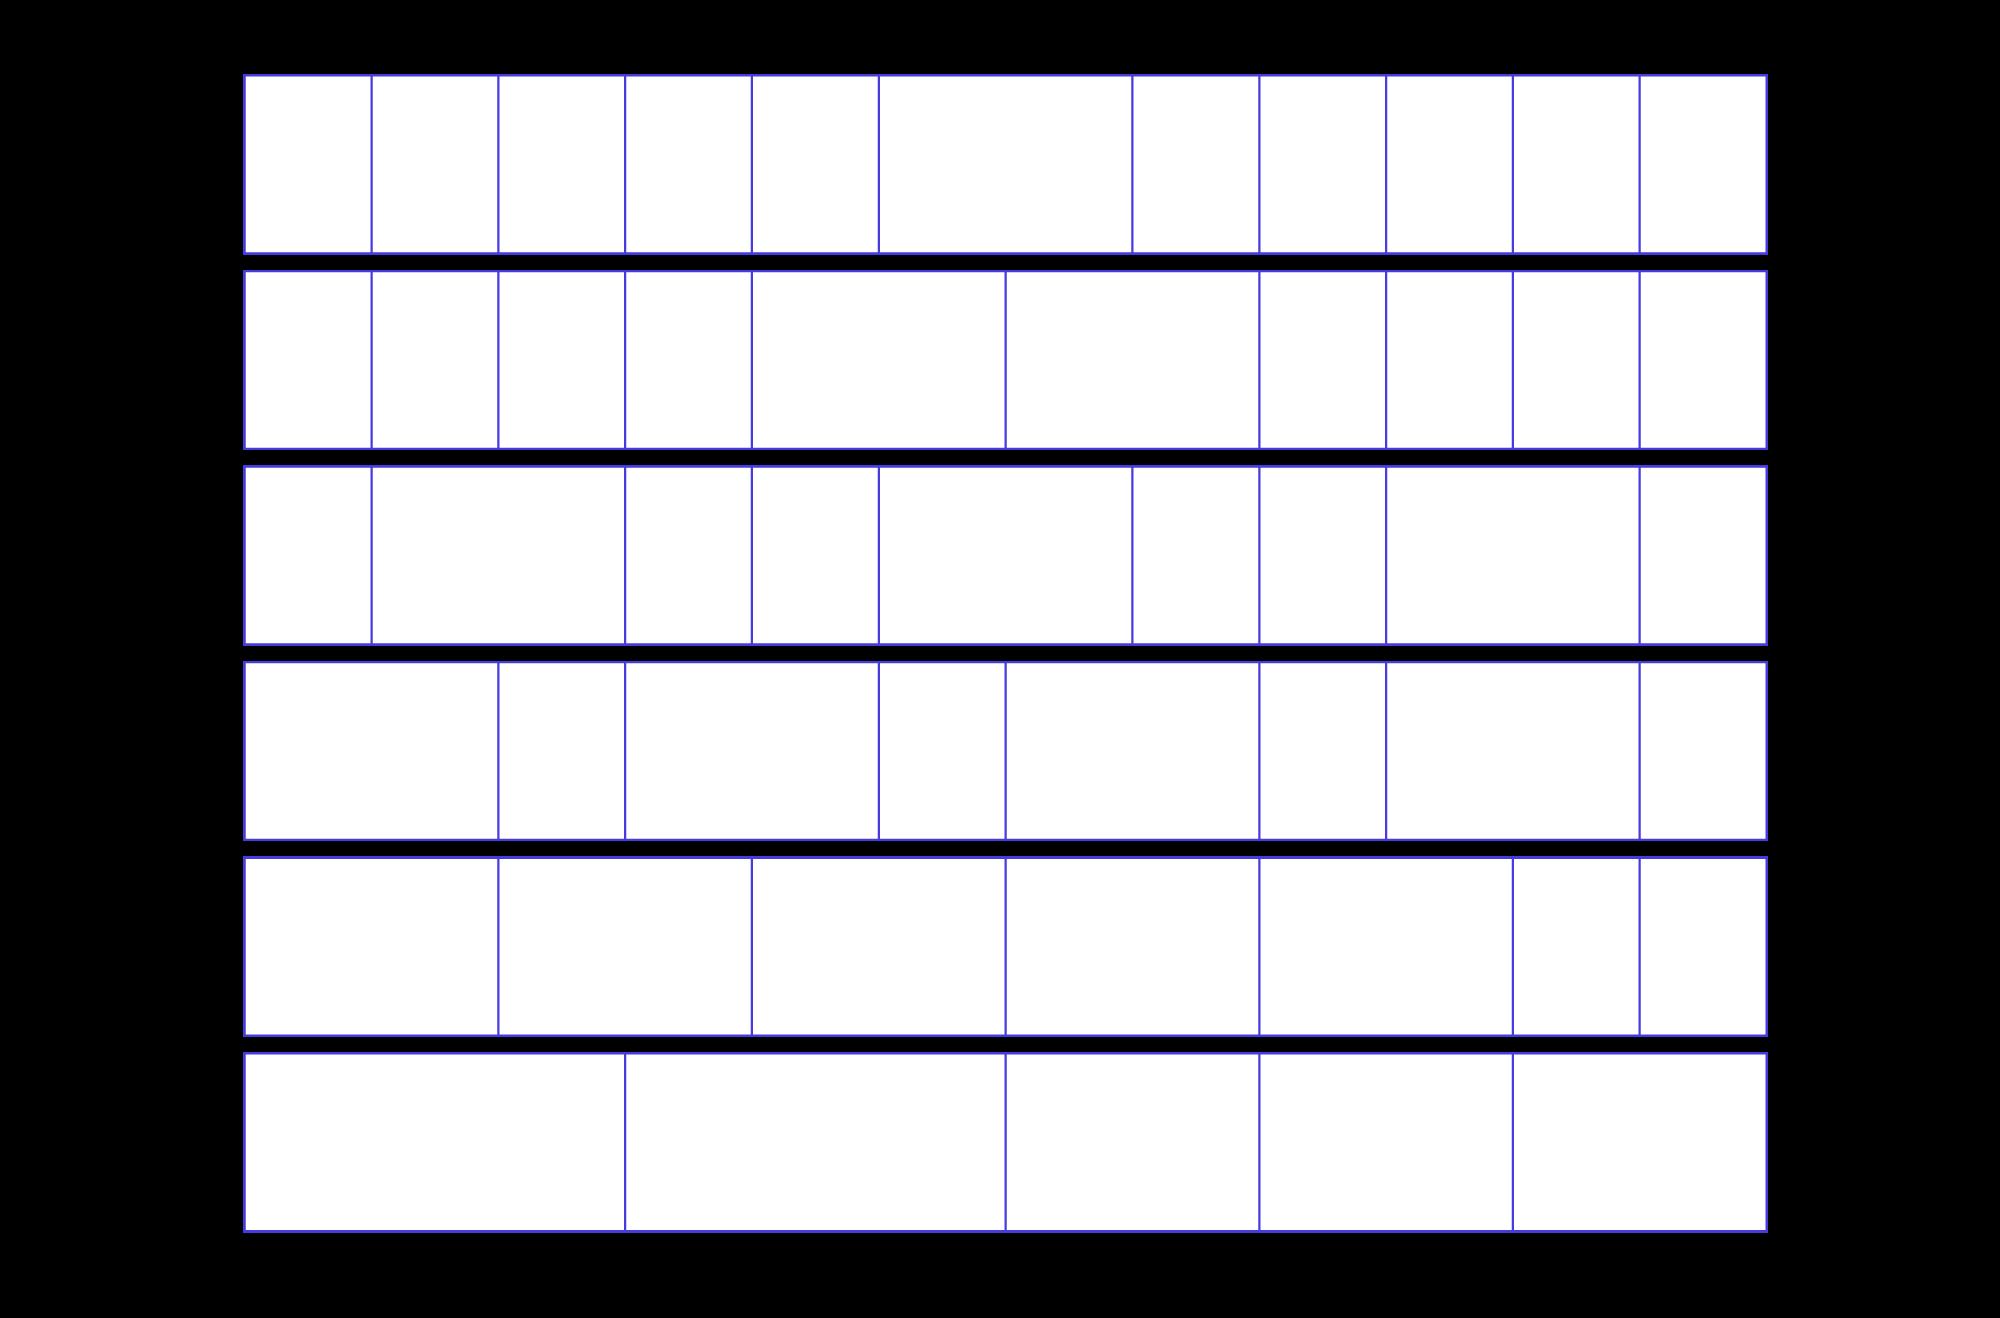 column-split-uneven-trans.png